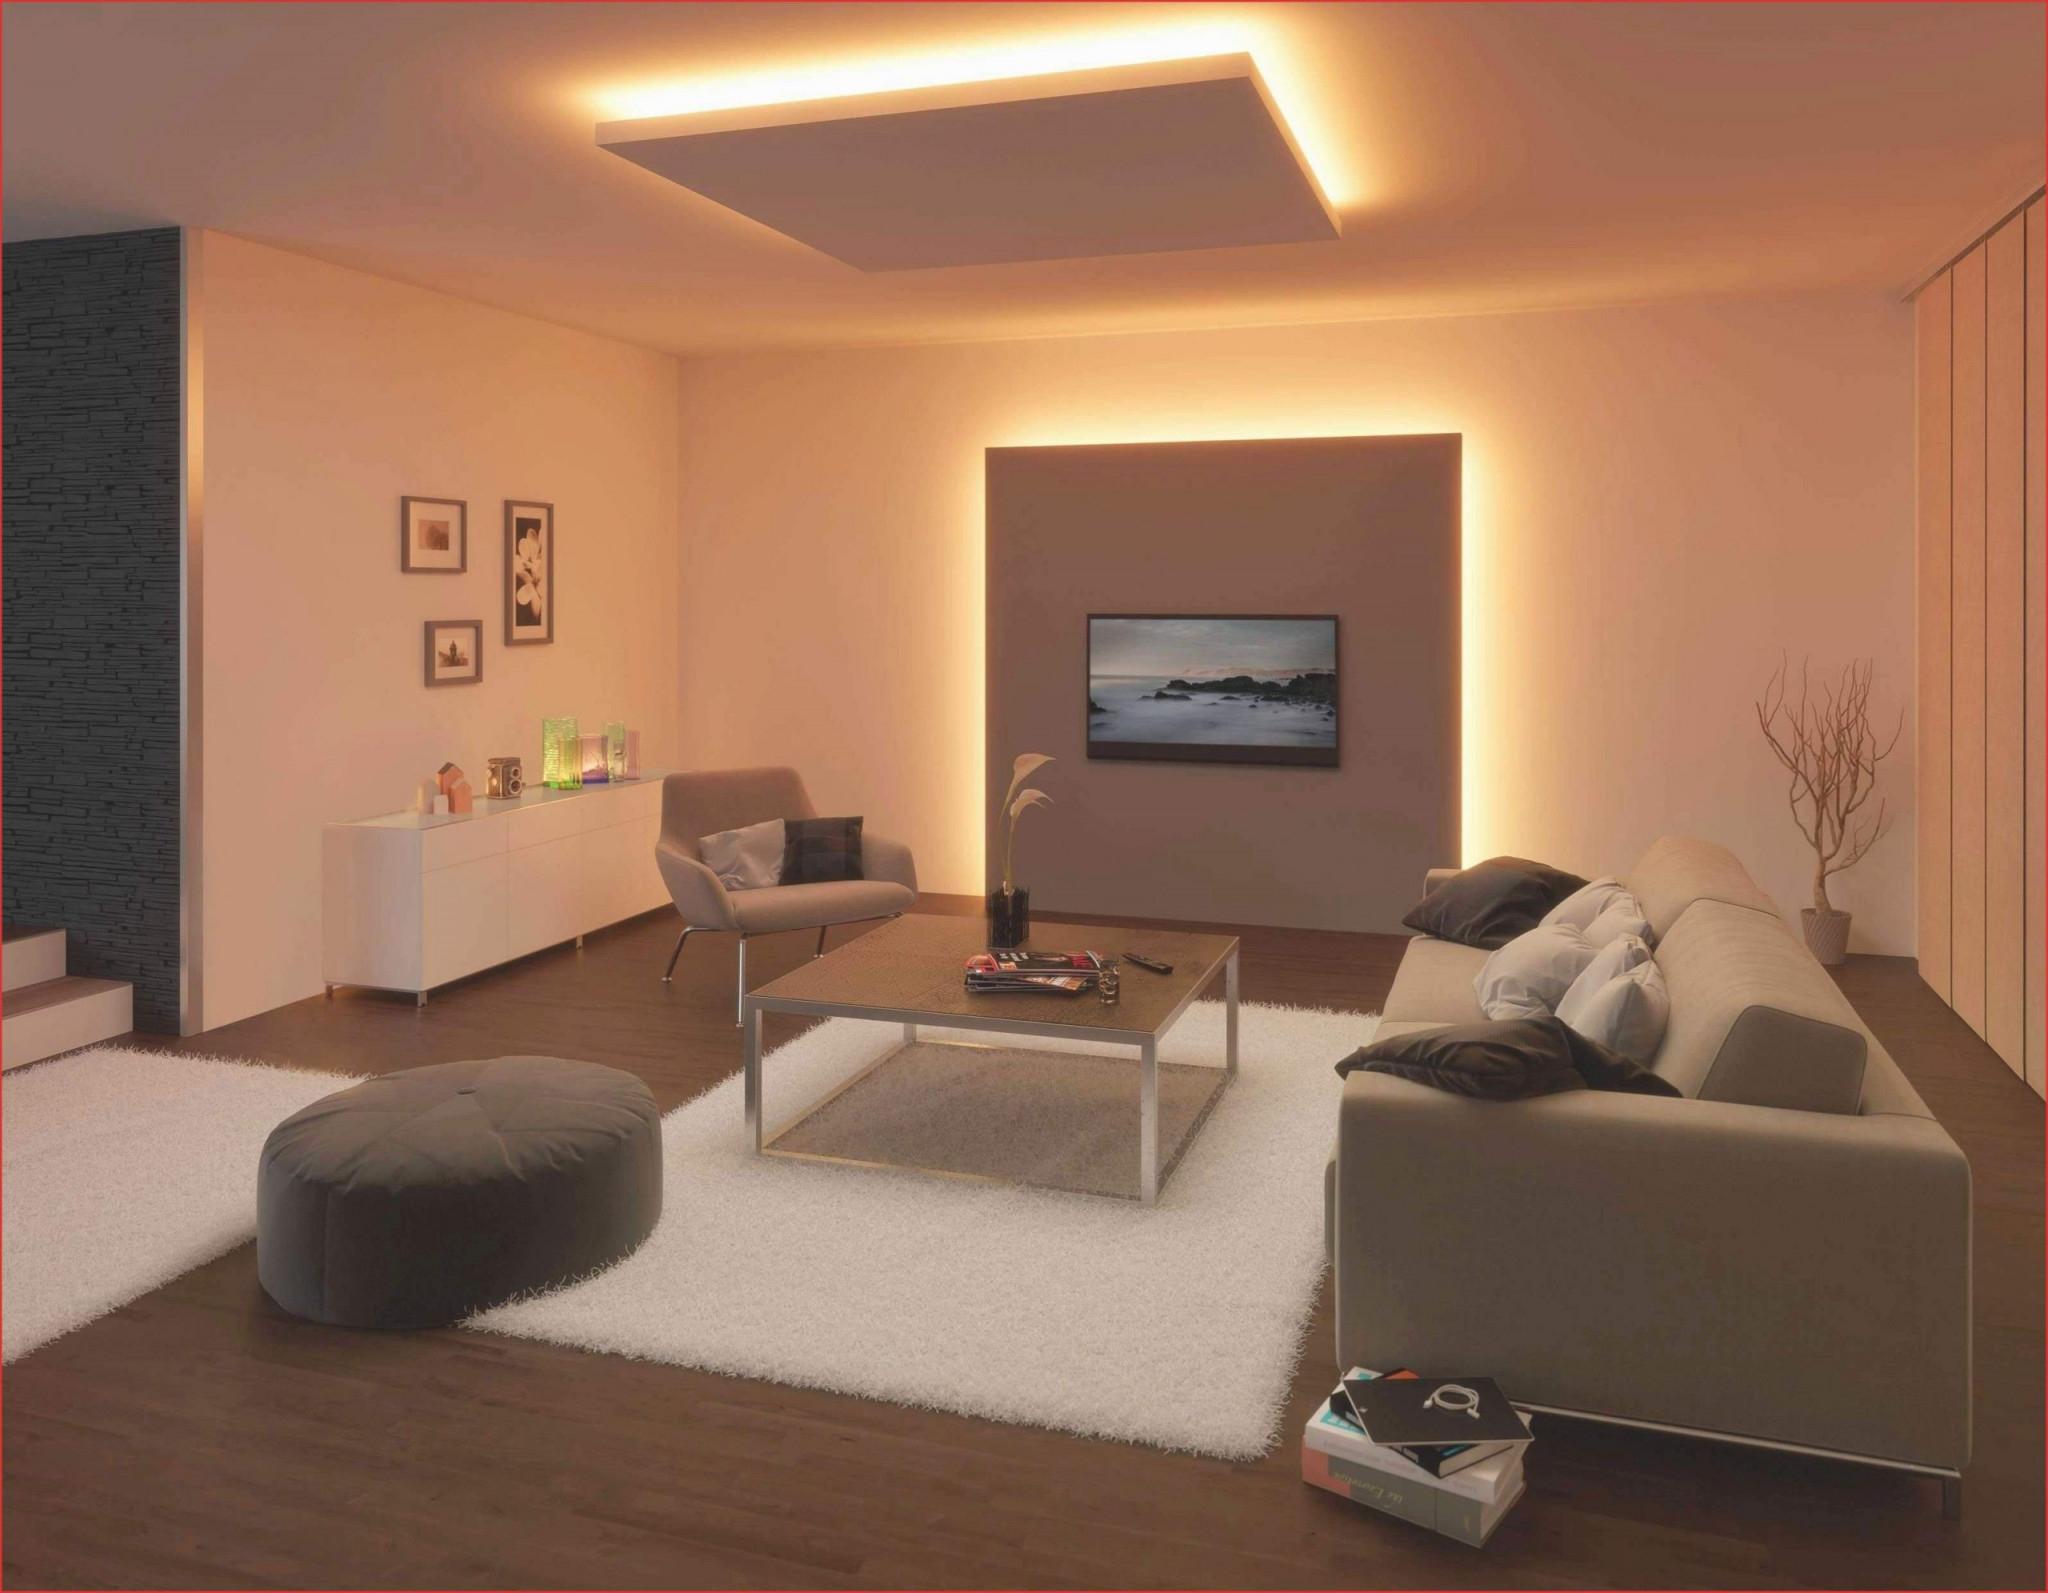 32 Einzigartig Lampen Wohnzimmer Günstig Frisch  Wohnzimmer von Coole Wohnzimmer Lampe Bild